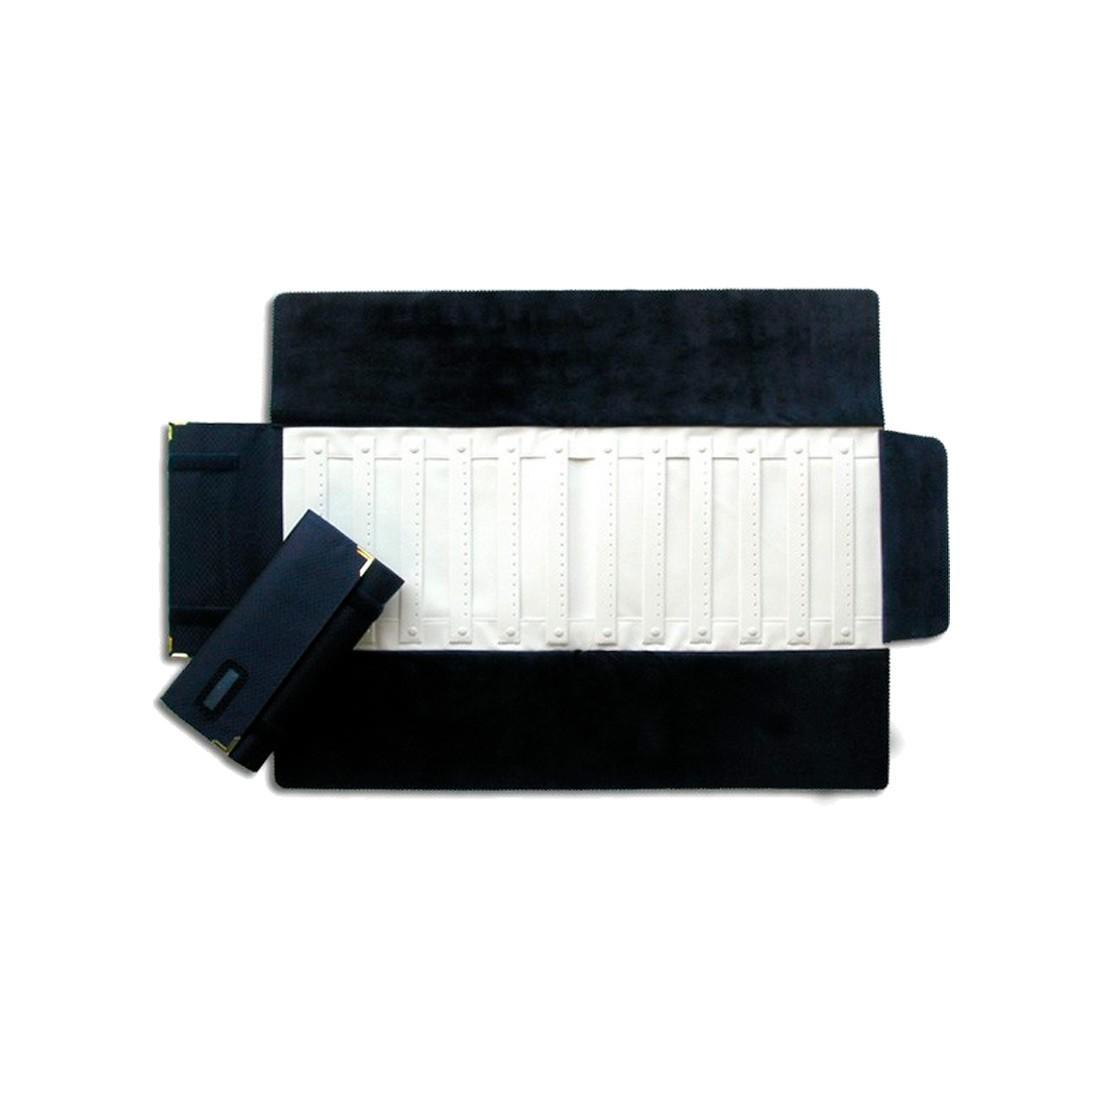 Manta muestrario joyería - 12 Tiras Pendientes